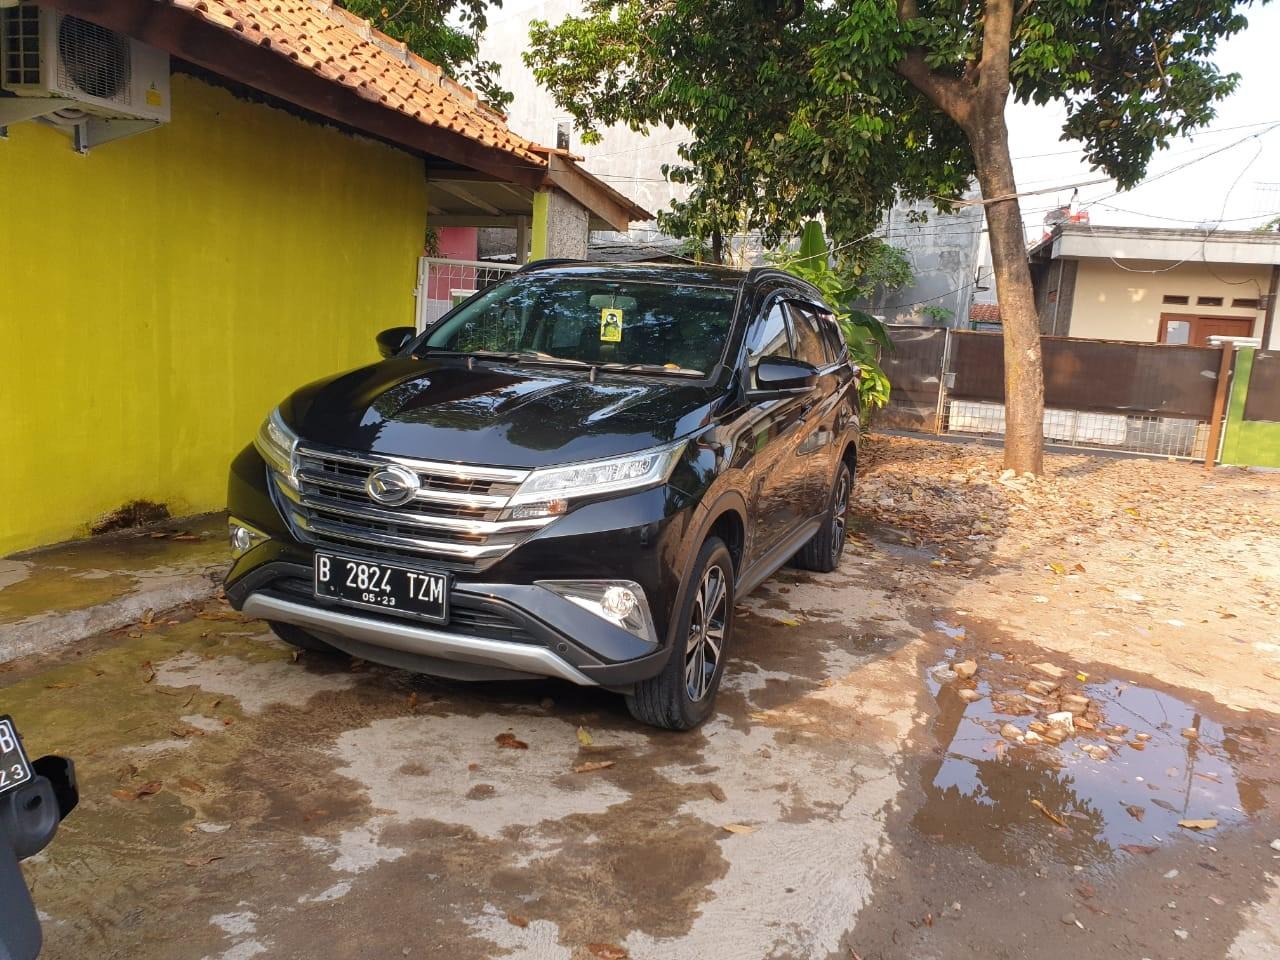 Rental Mobil Lepas Kunci Terdekat Di Jakarta 081285092594